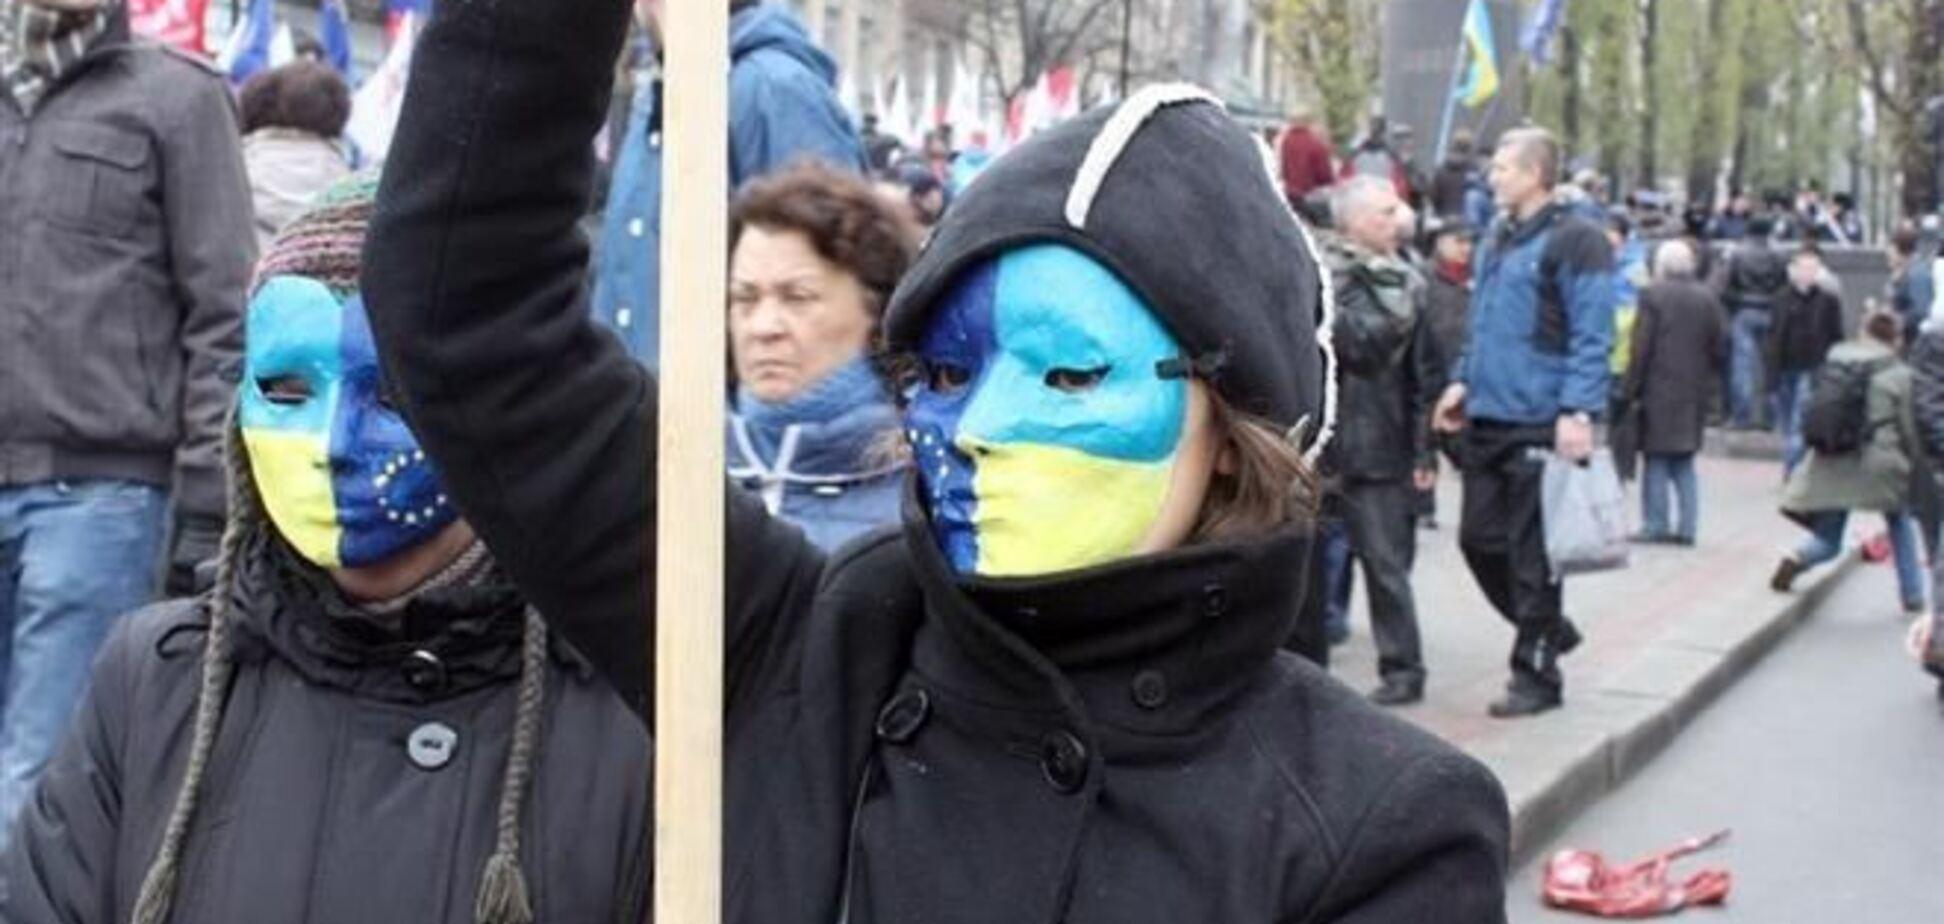 ГПУ требует от столичных вузов списки протестующих студентов